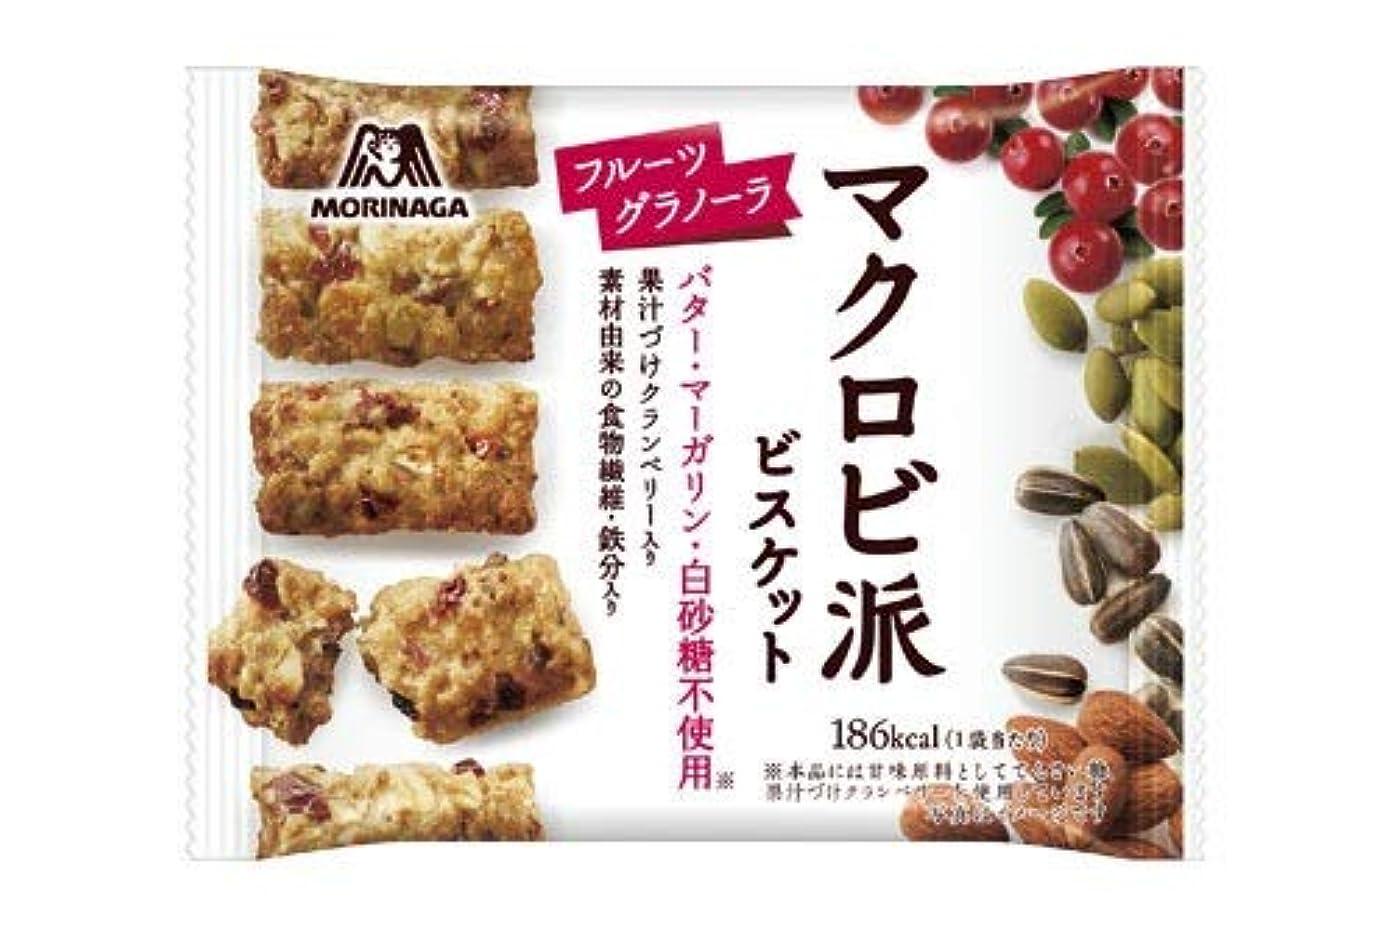 例ペア隠森永 マクロビ派ビスケット フルーツグラノーラ 37g【3個セット】